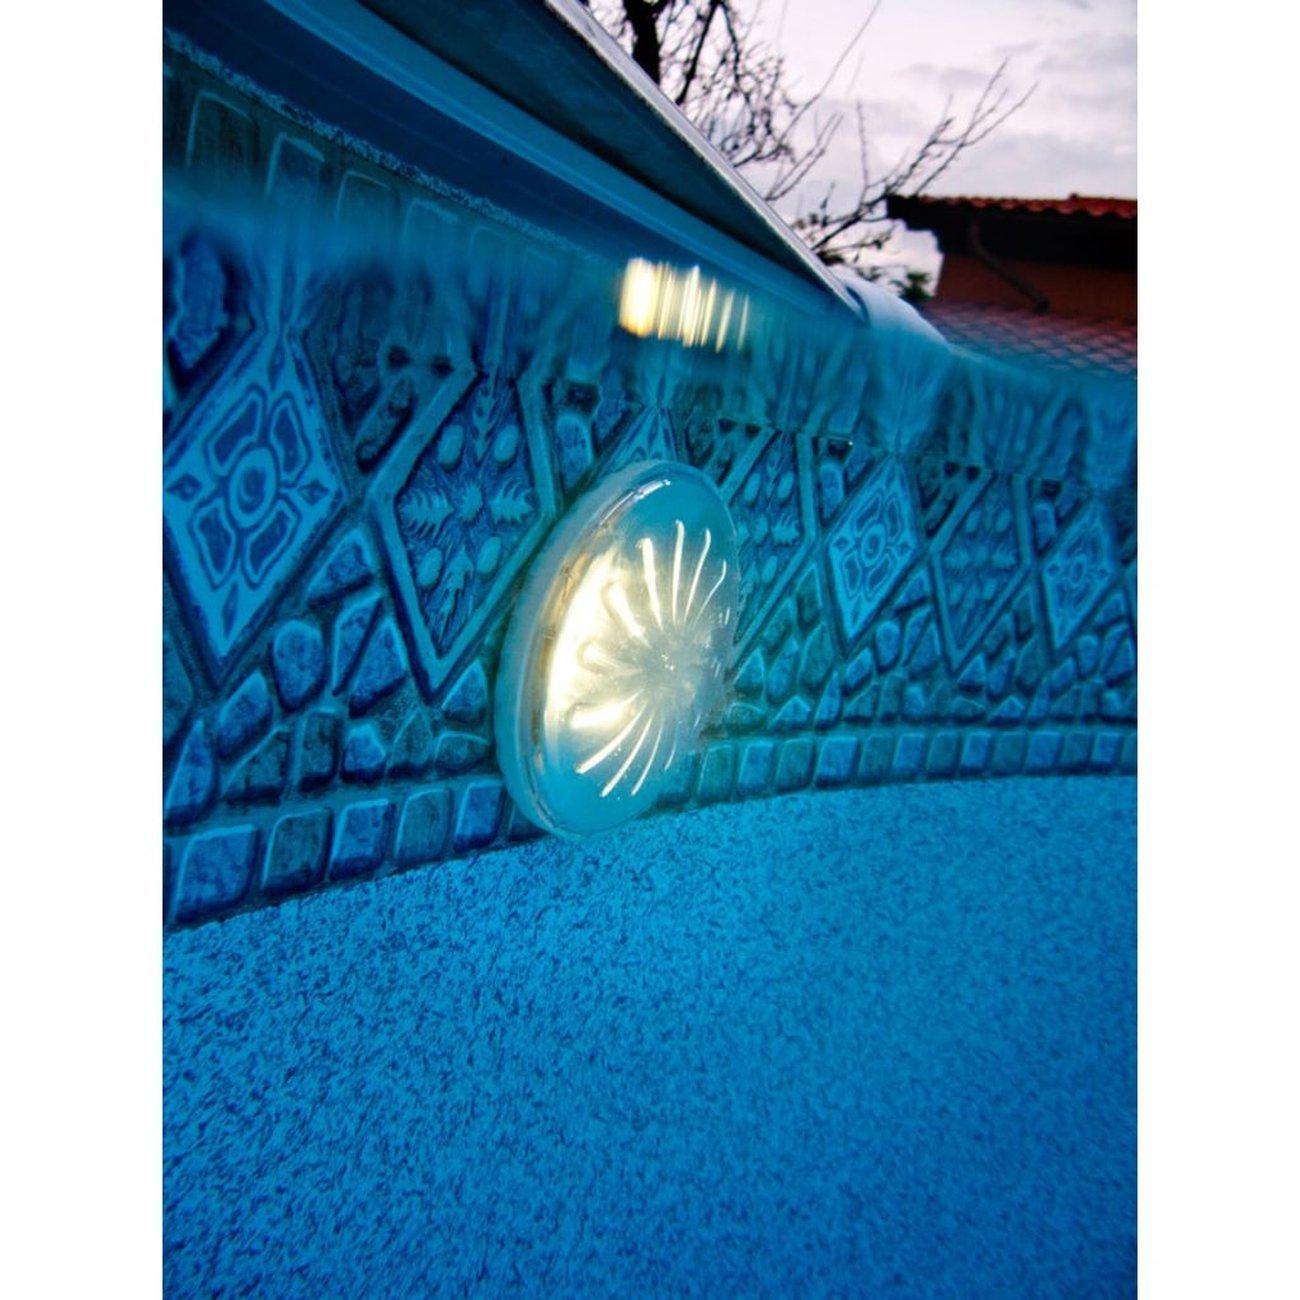 Natation Gre Gre Lampe Led Magnétique Pour Piscine Hors Sol 2 Pcs Blanc dedans Solde Piscine Hors Sol